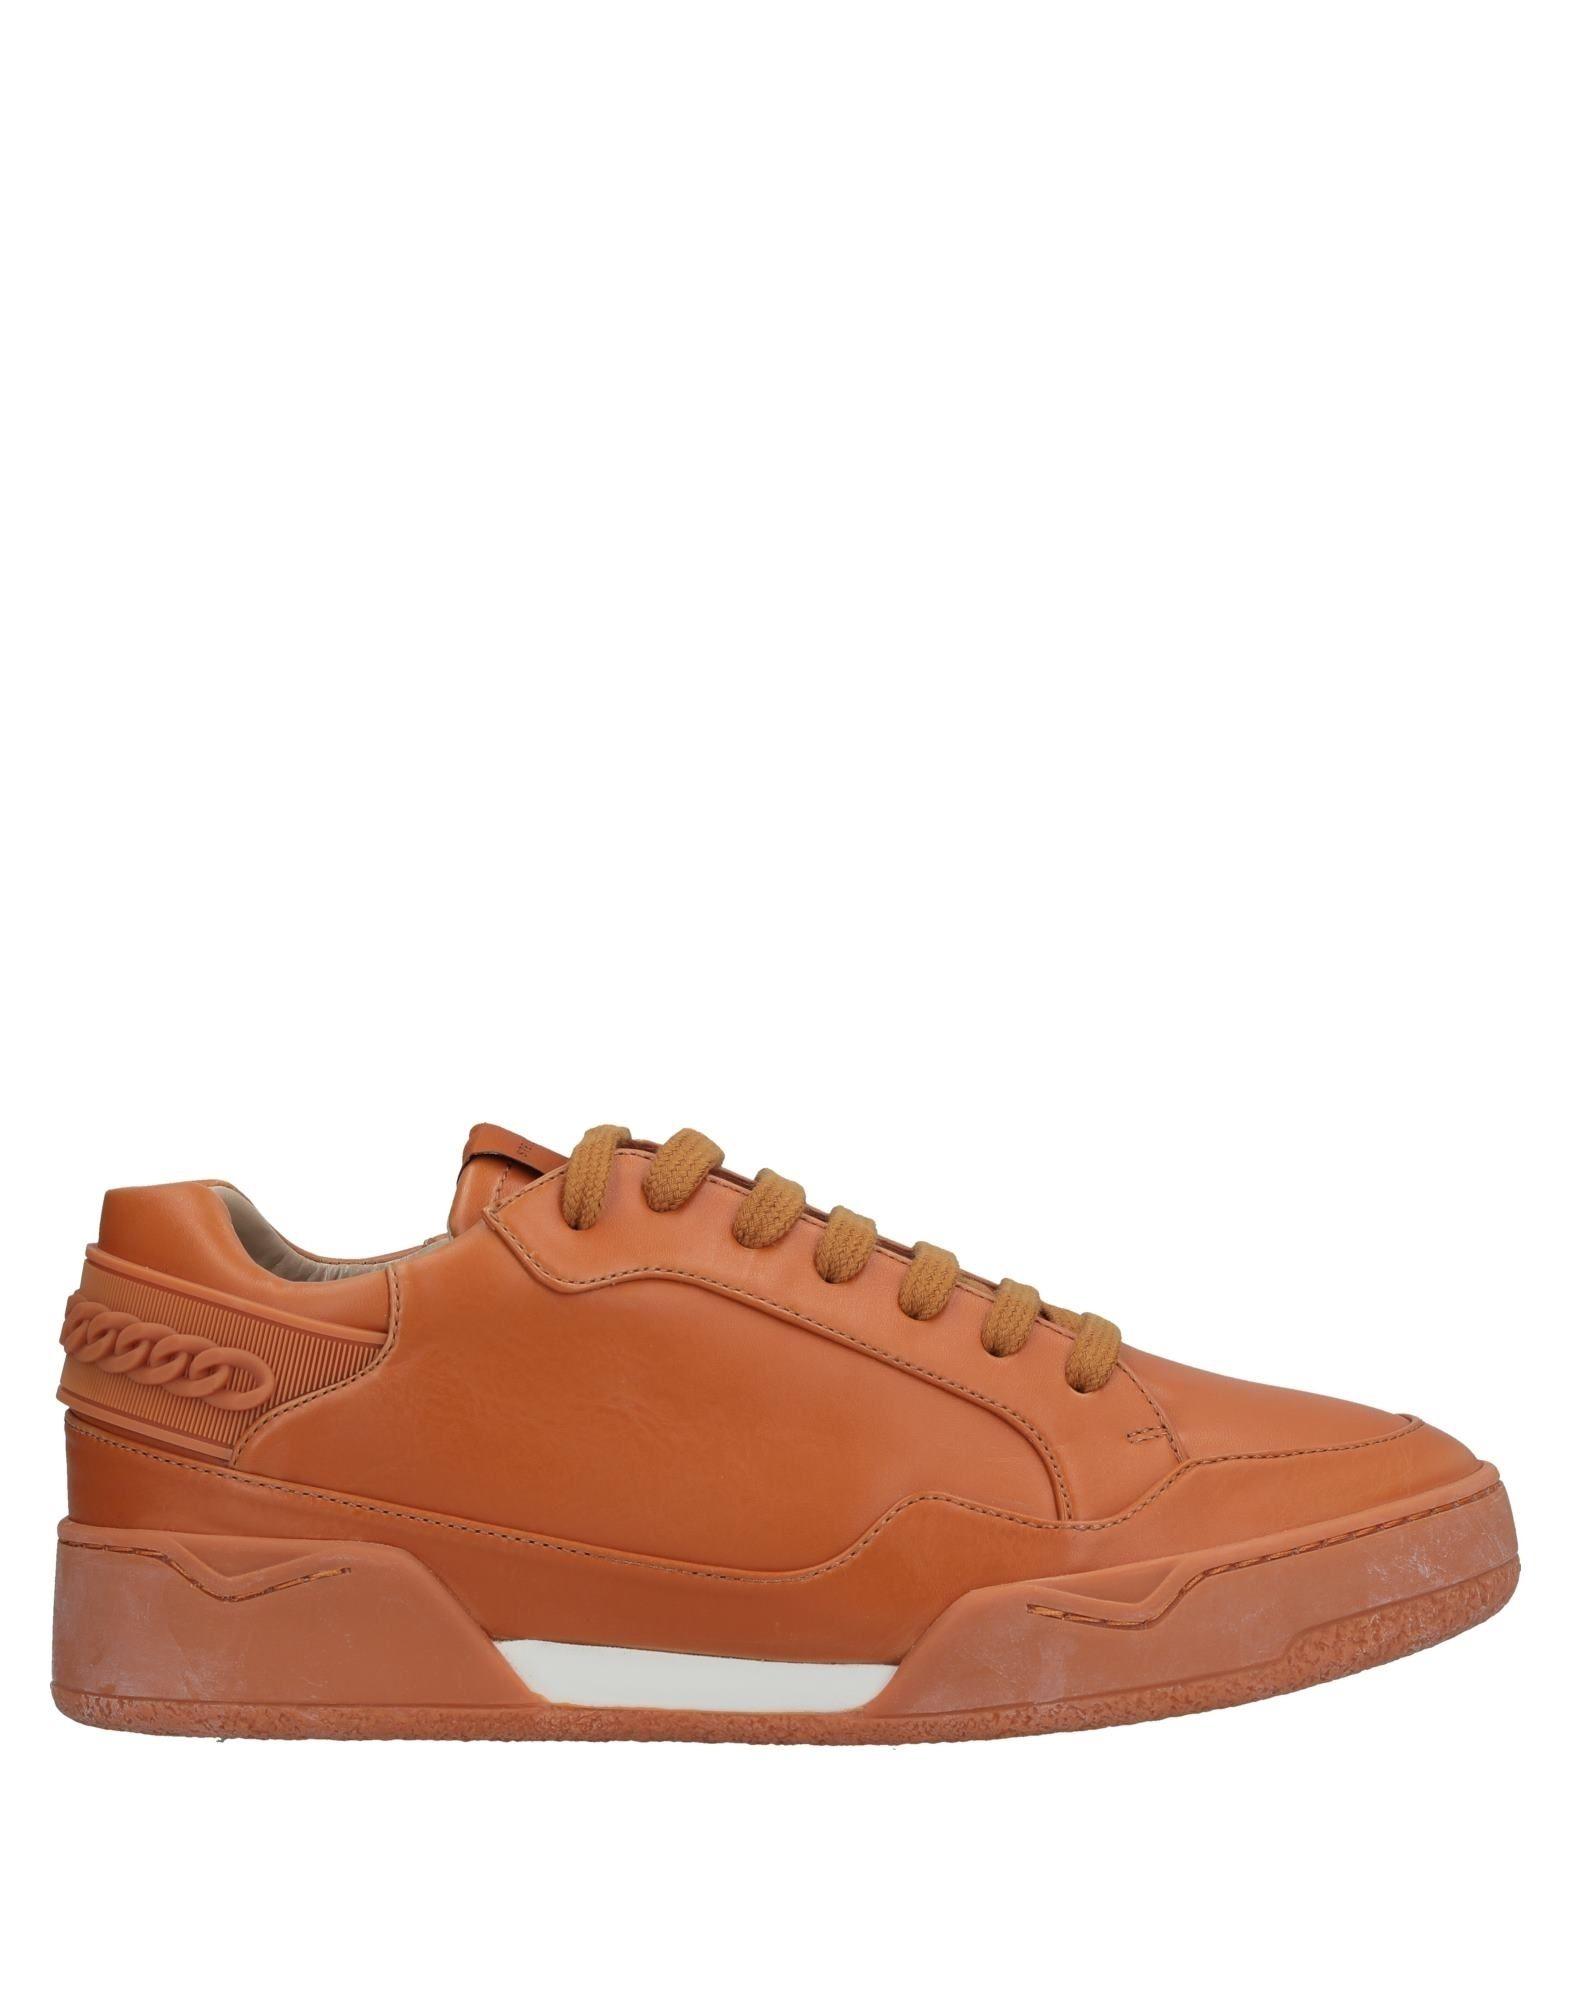 Zapatillas Stella Mccartney Hombre  - Zapatillas Stella Mccartney  Hombre Naranja d57f40